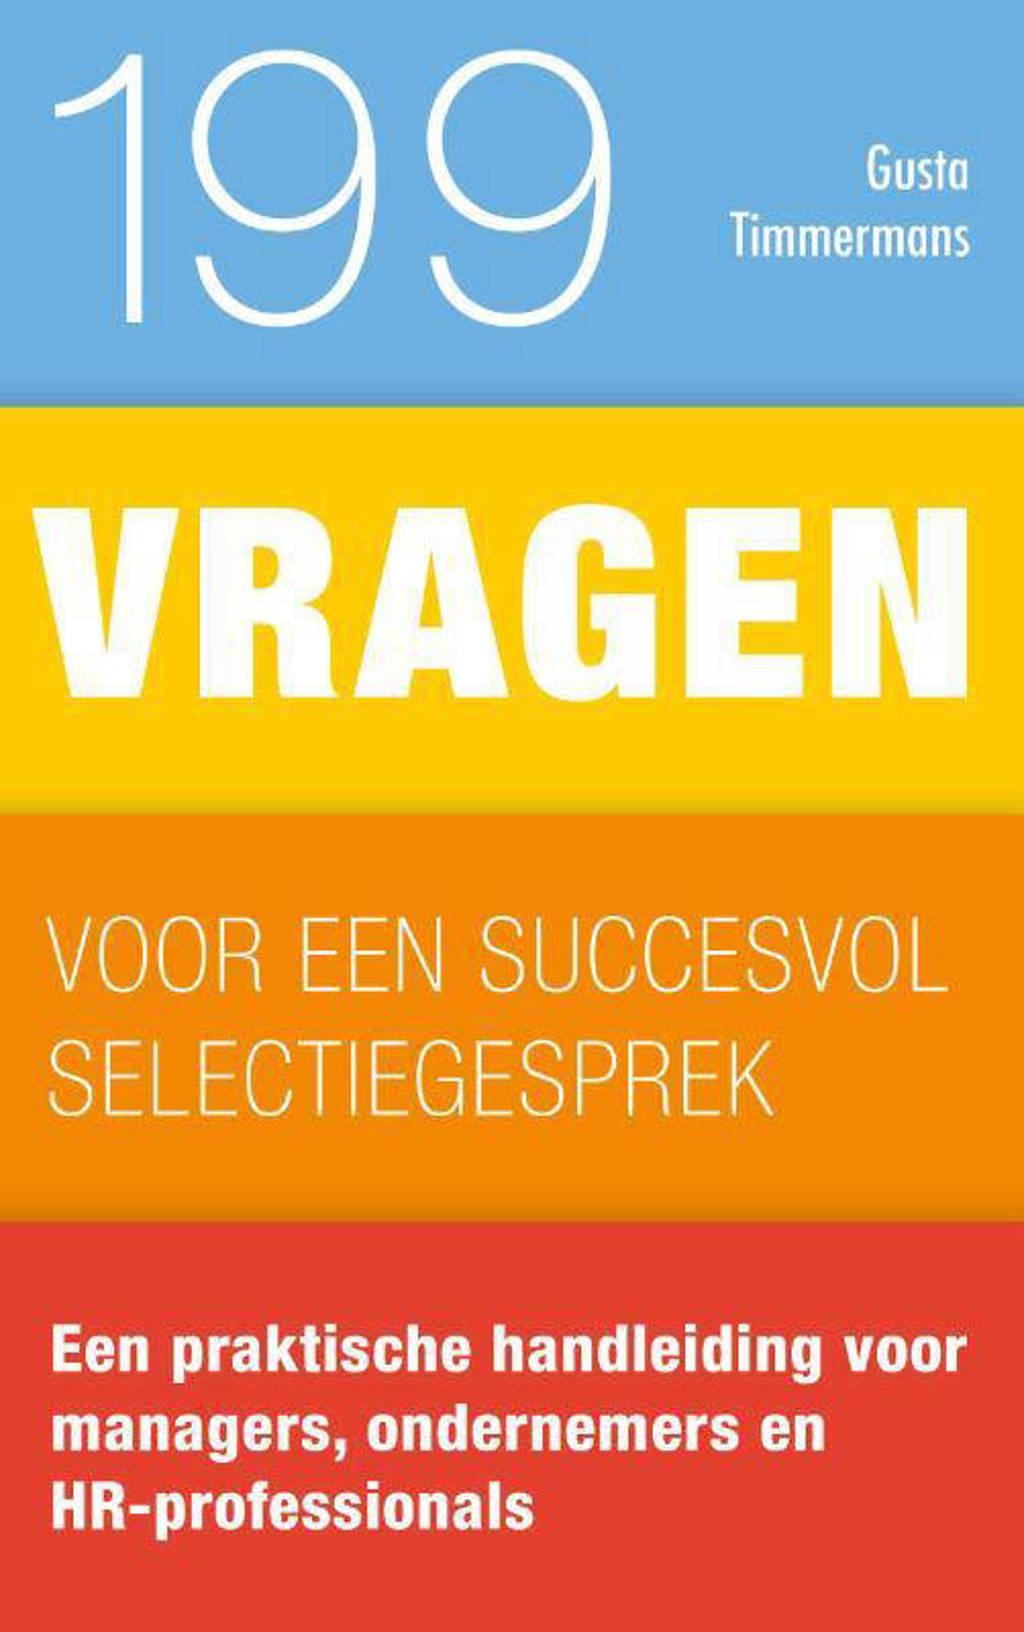 199 vragen: 199 vragen voor een succesvol selectiegesprek - Gusta Timmermans